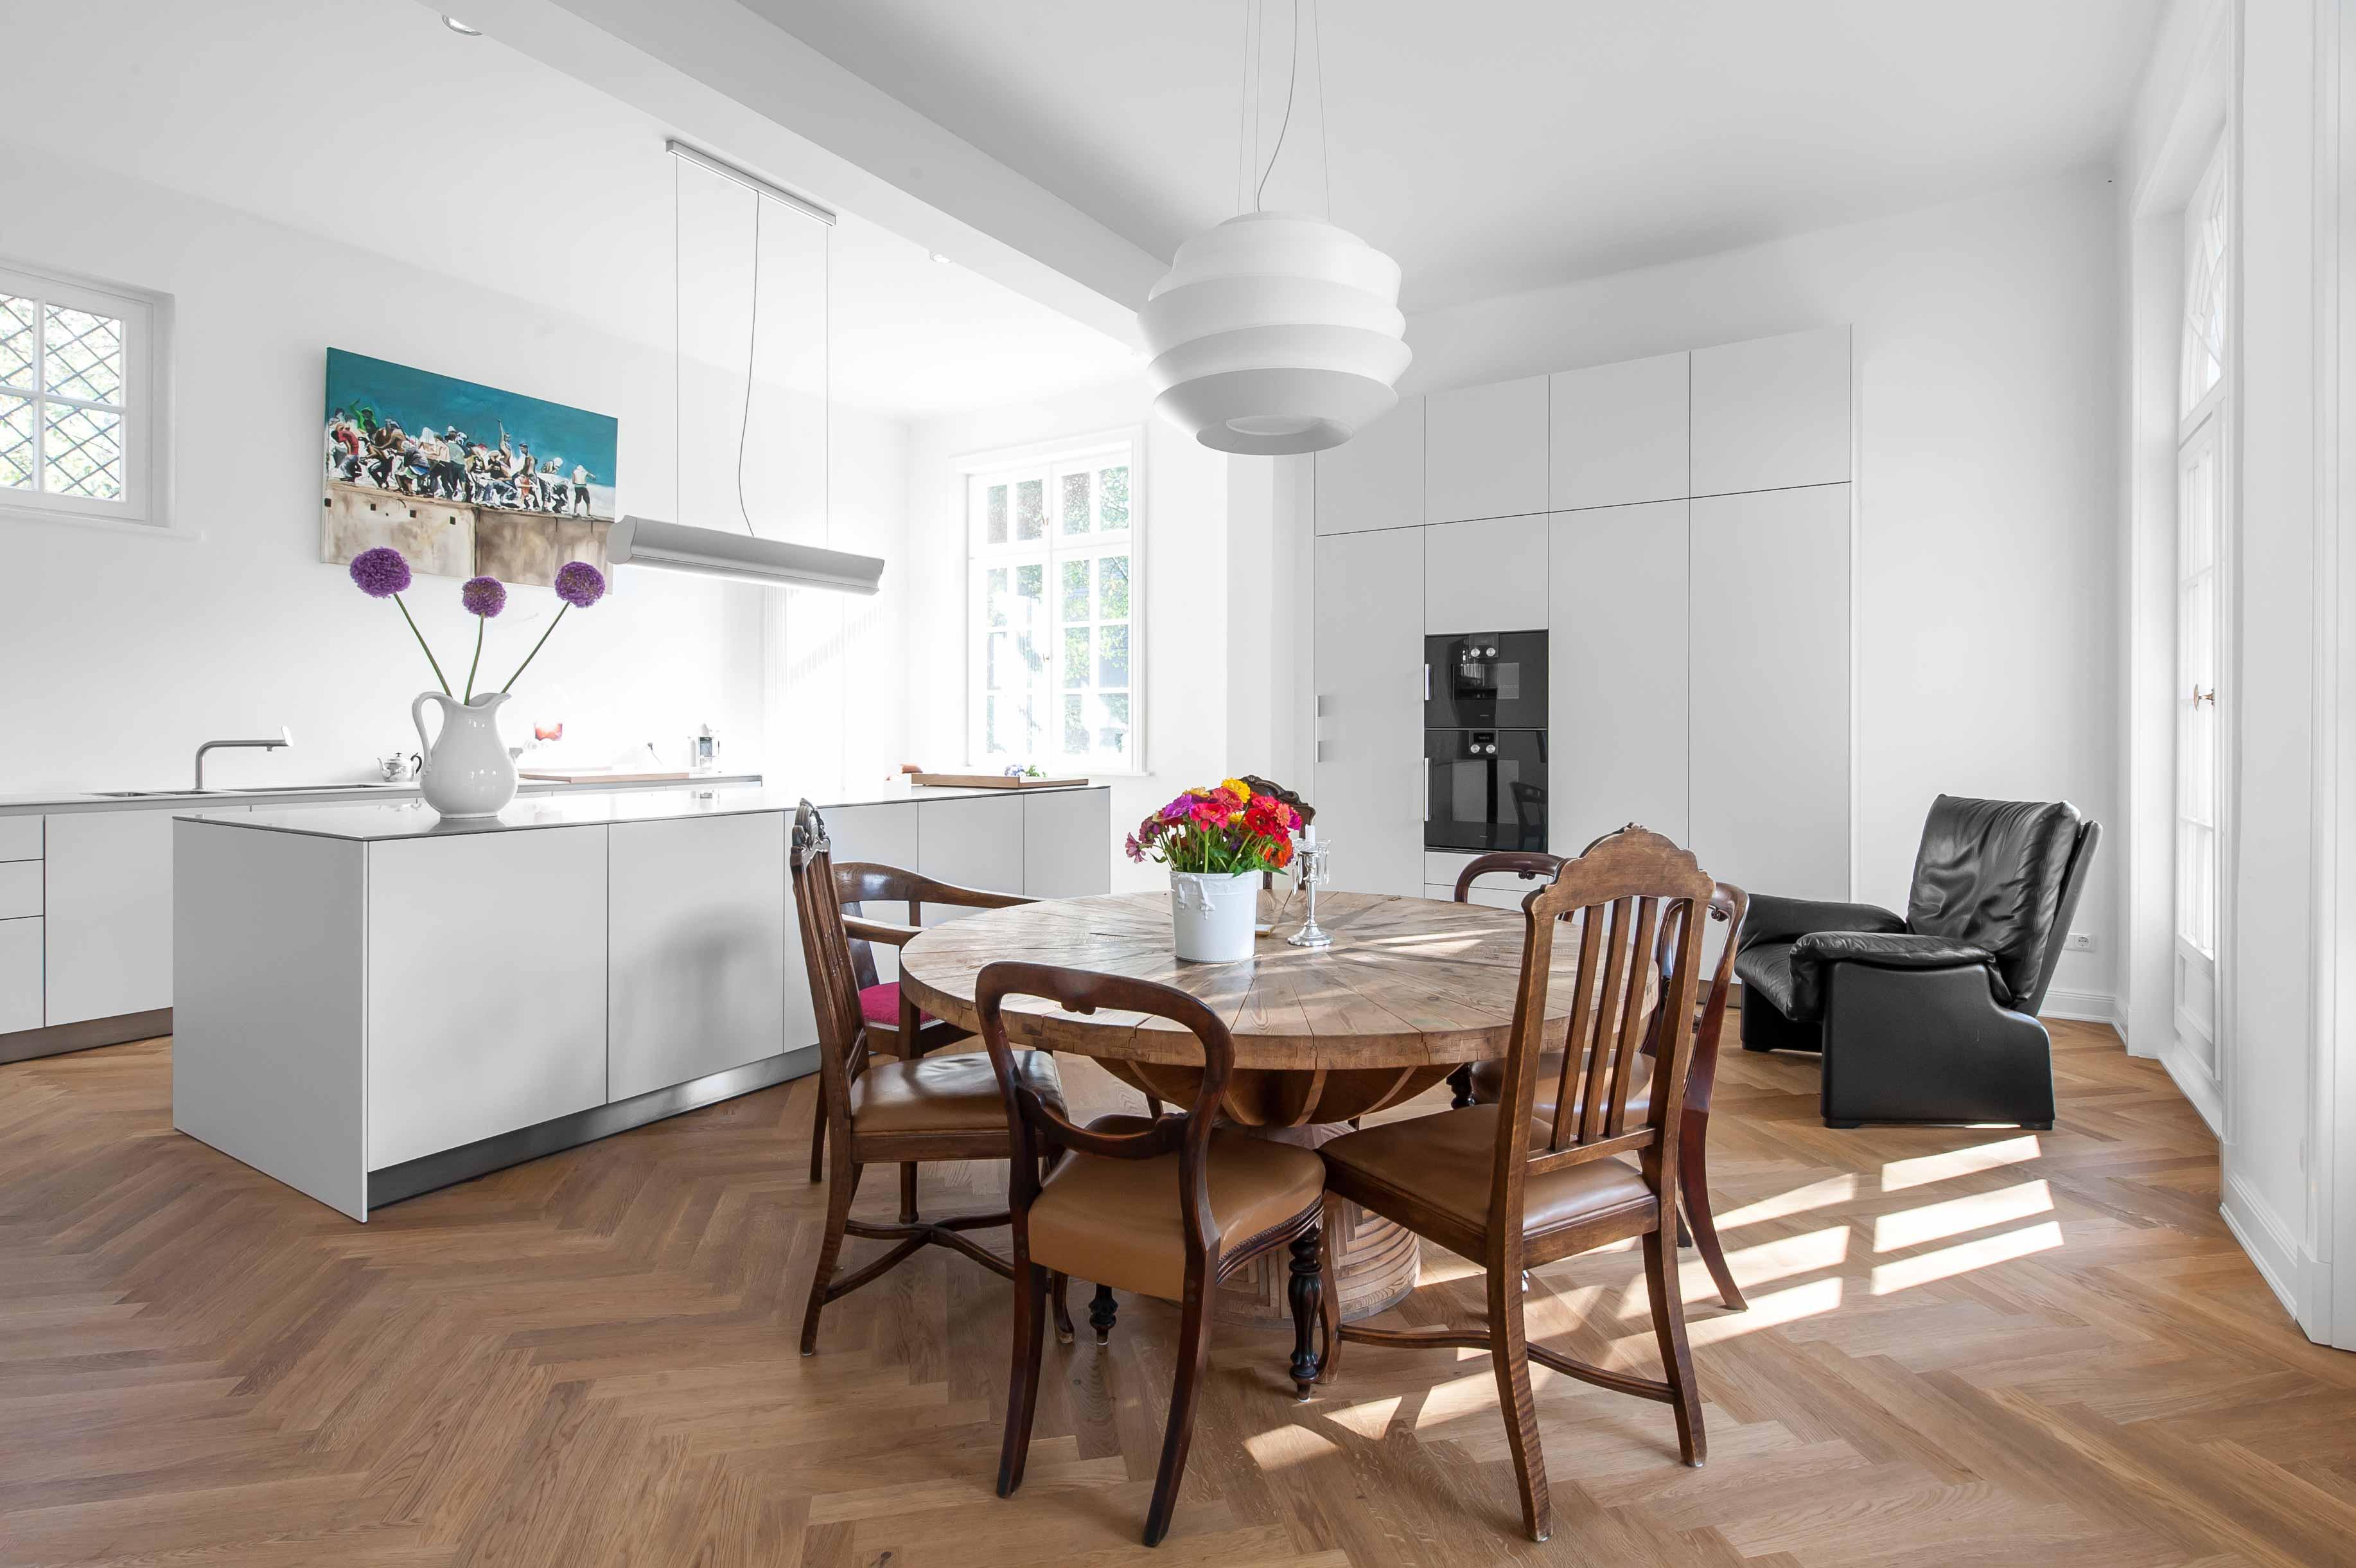 M26-Küche-Tisch-2